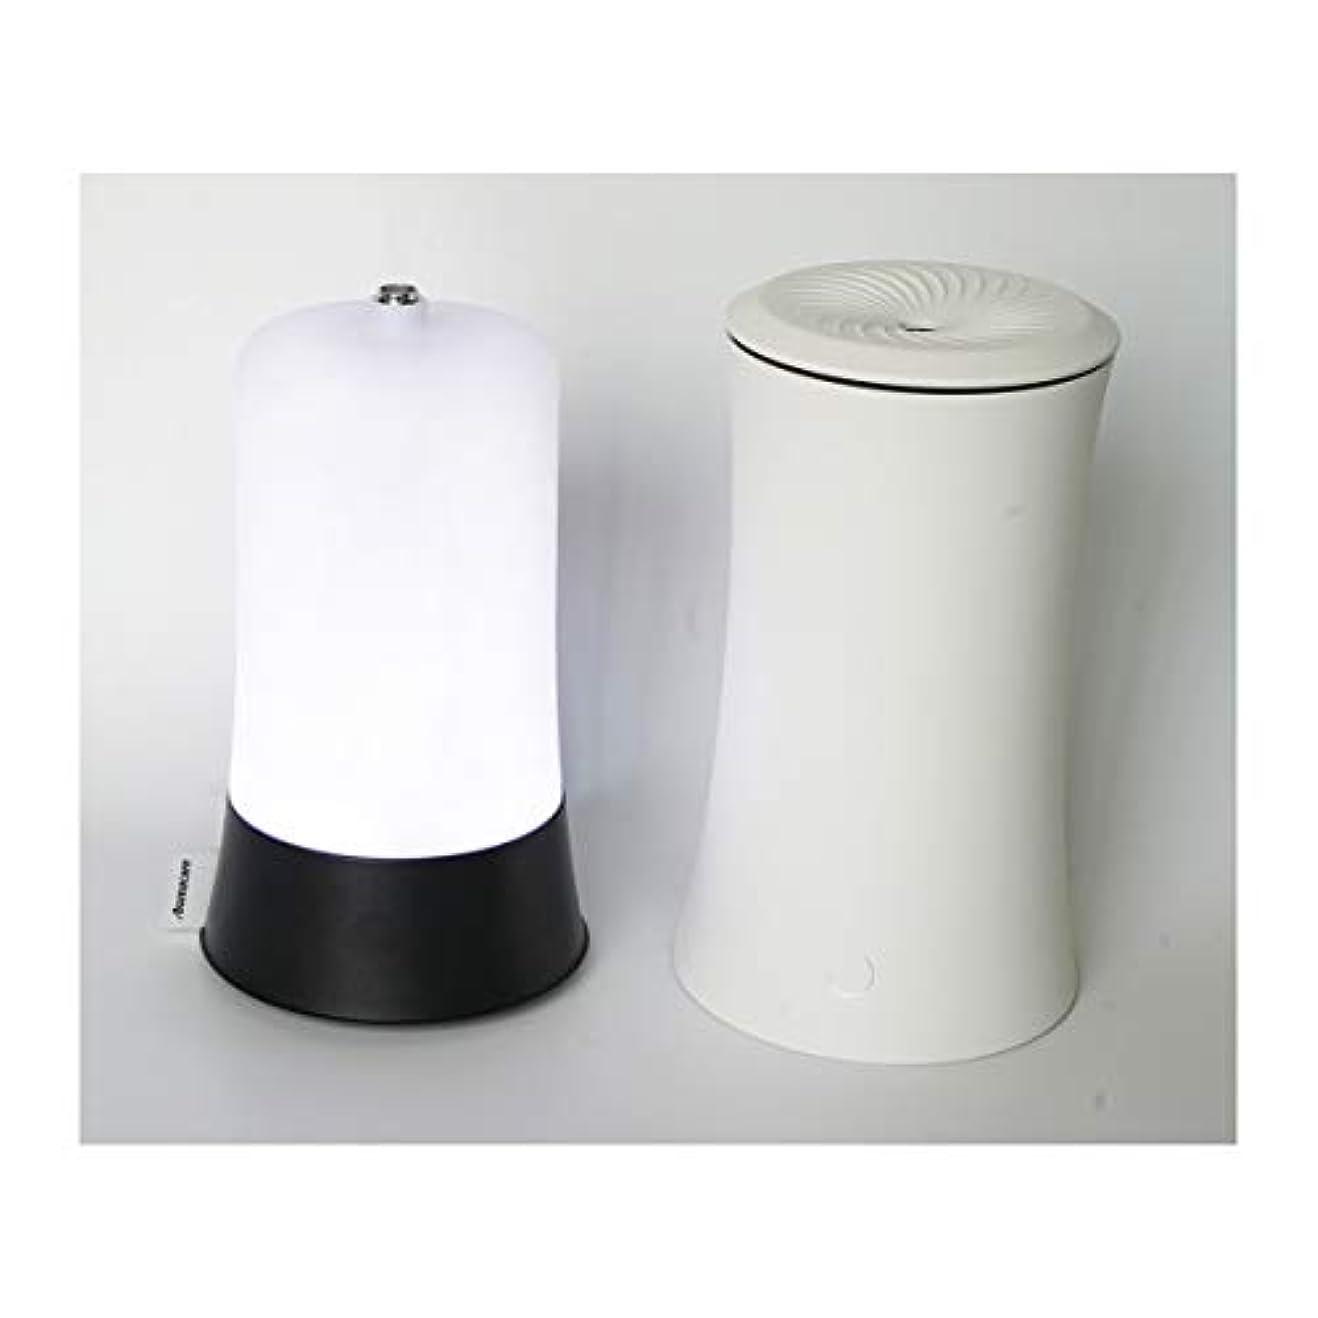 溶接余剰リブウッドグレイン超音波アロマクールミスト300mlエッセンシャルオイルディフューザー、アロマ加湿器付き、水なしオートシャットオフ、7色LEDライトホームオフィス用ベビーホワイト